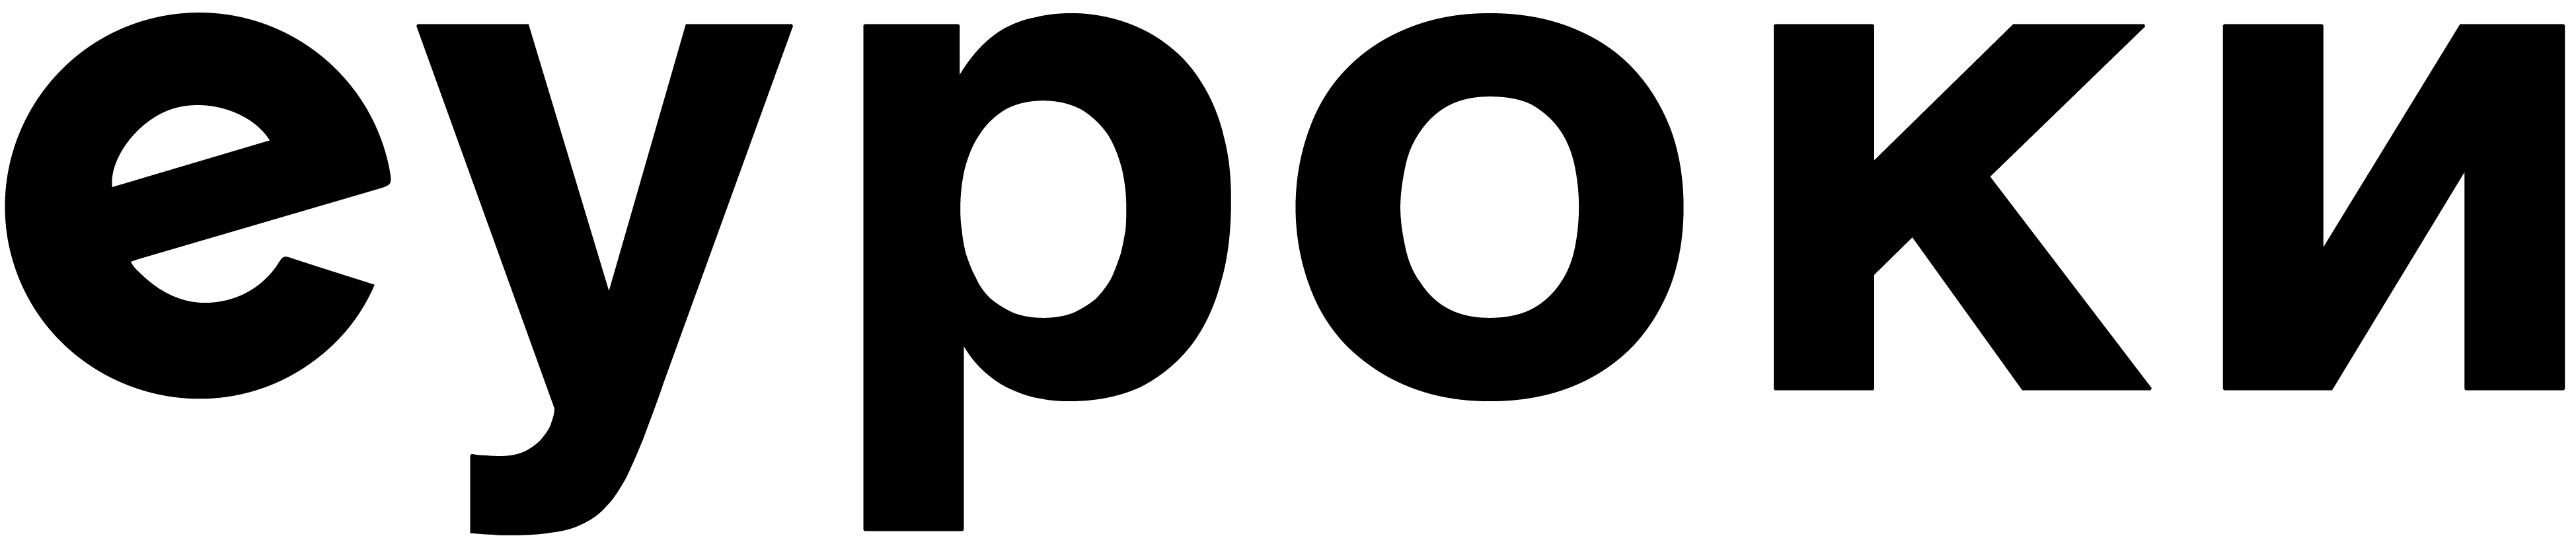 Logo b w 1